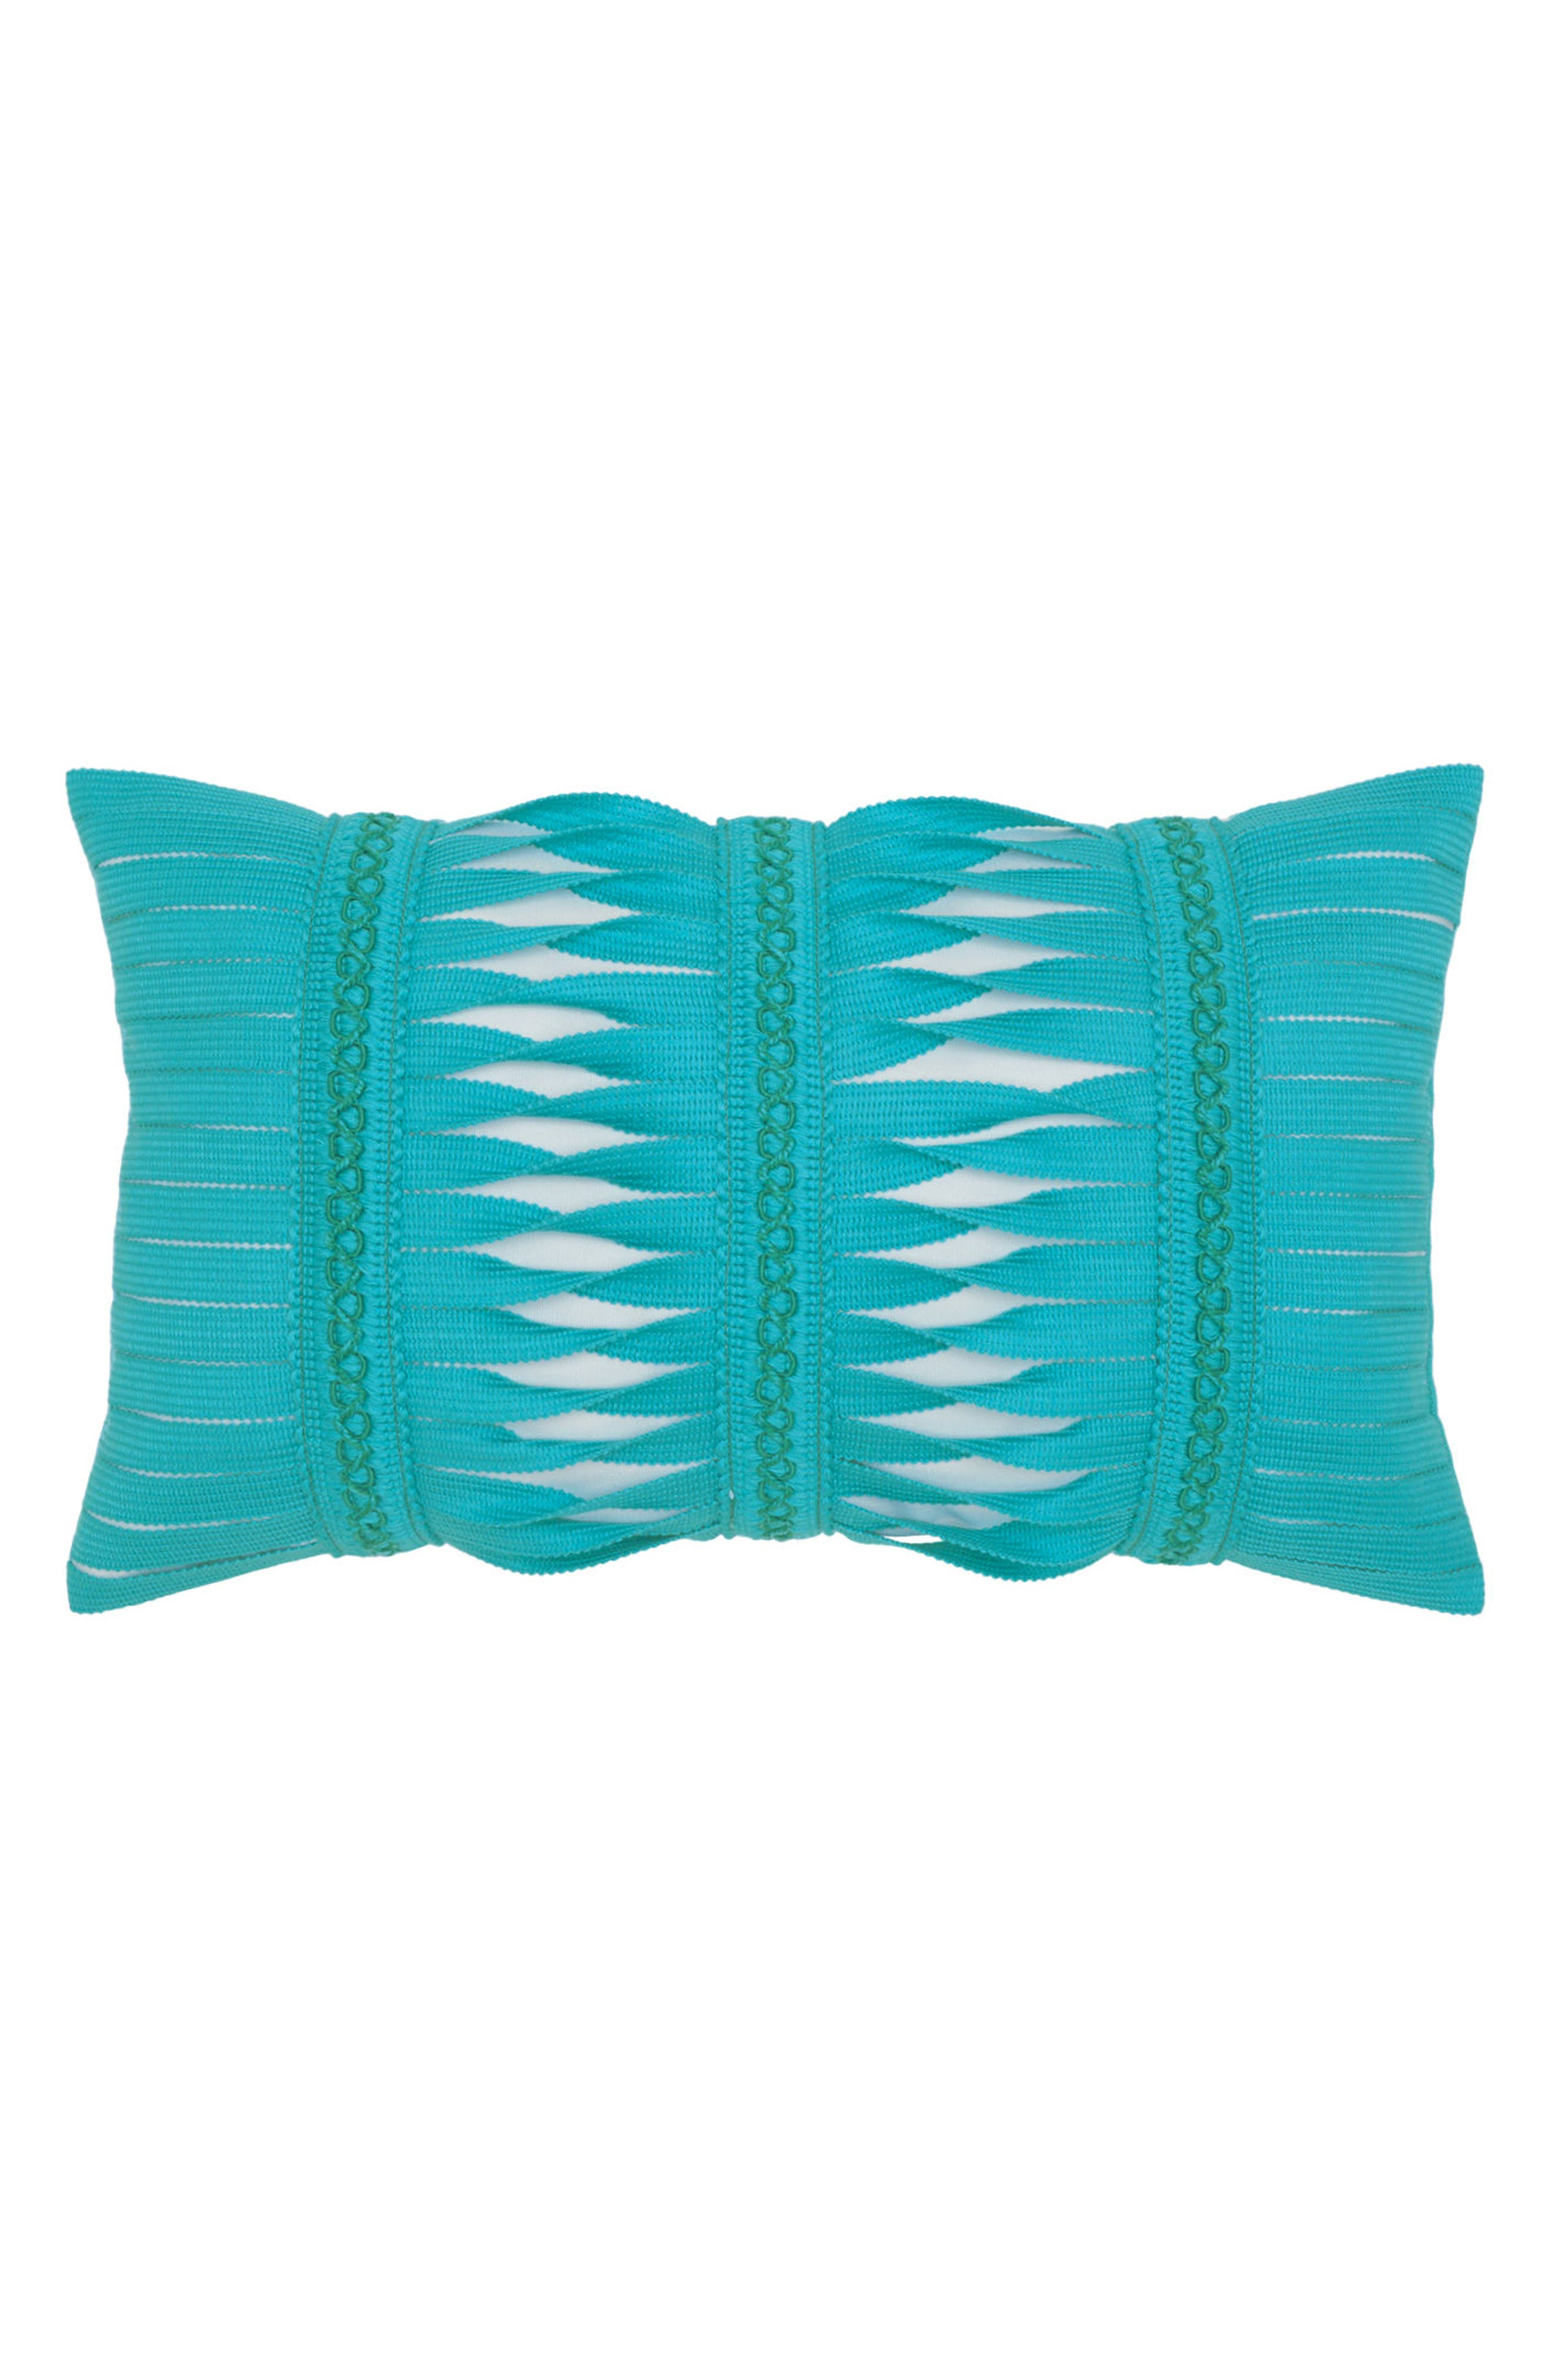 Gladiator Aruba Lumbar Pillow,                             Main thumbnail 1, color,                             400